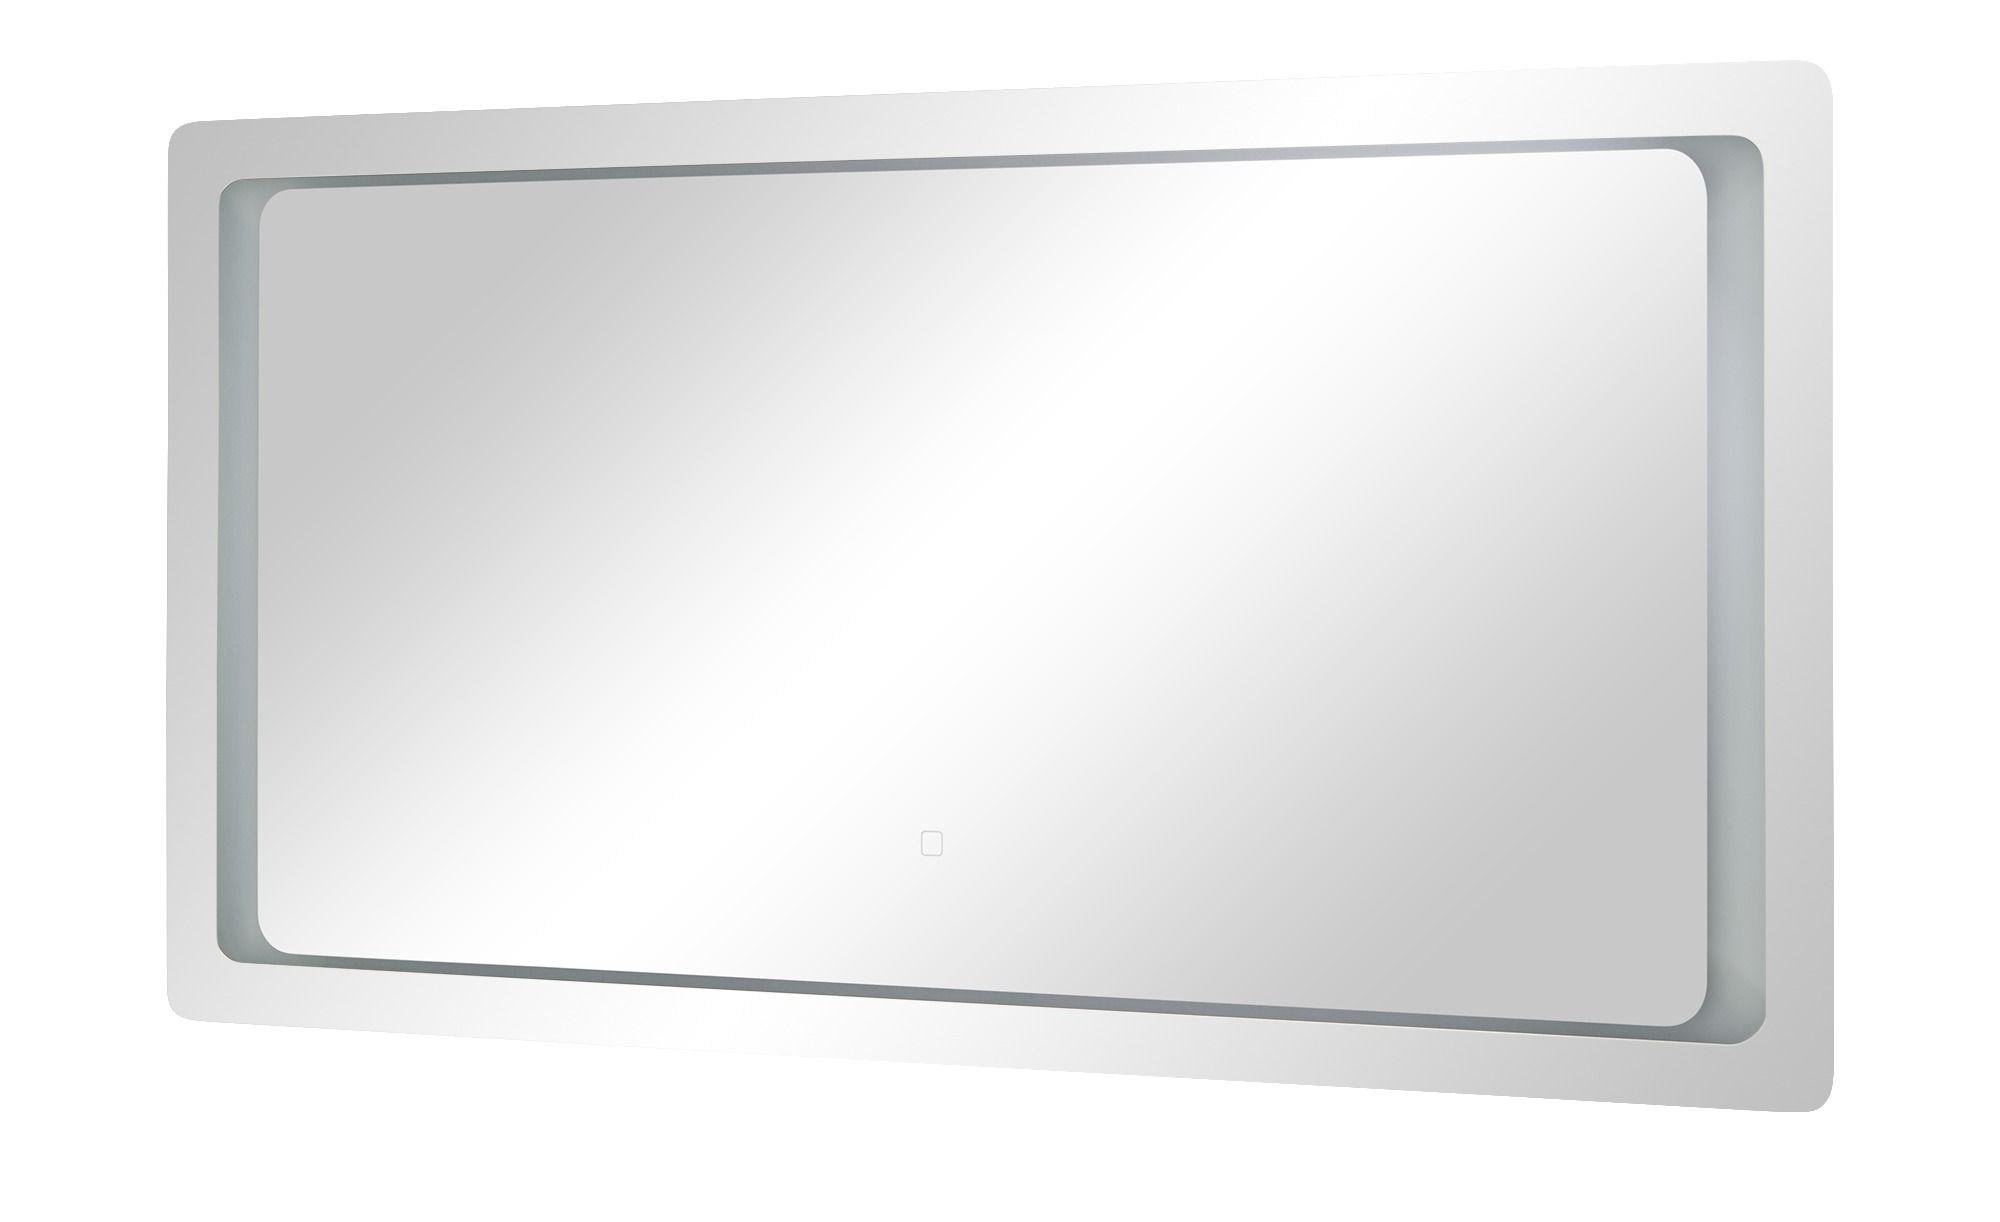 Led Badspiegel Silbersee Gefunden Bei Mobel Hoffner Badspiegel